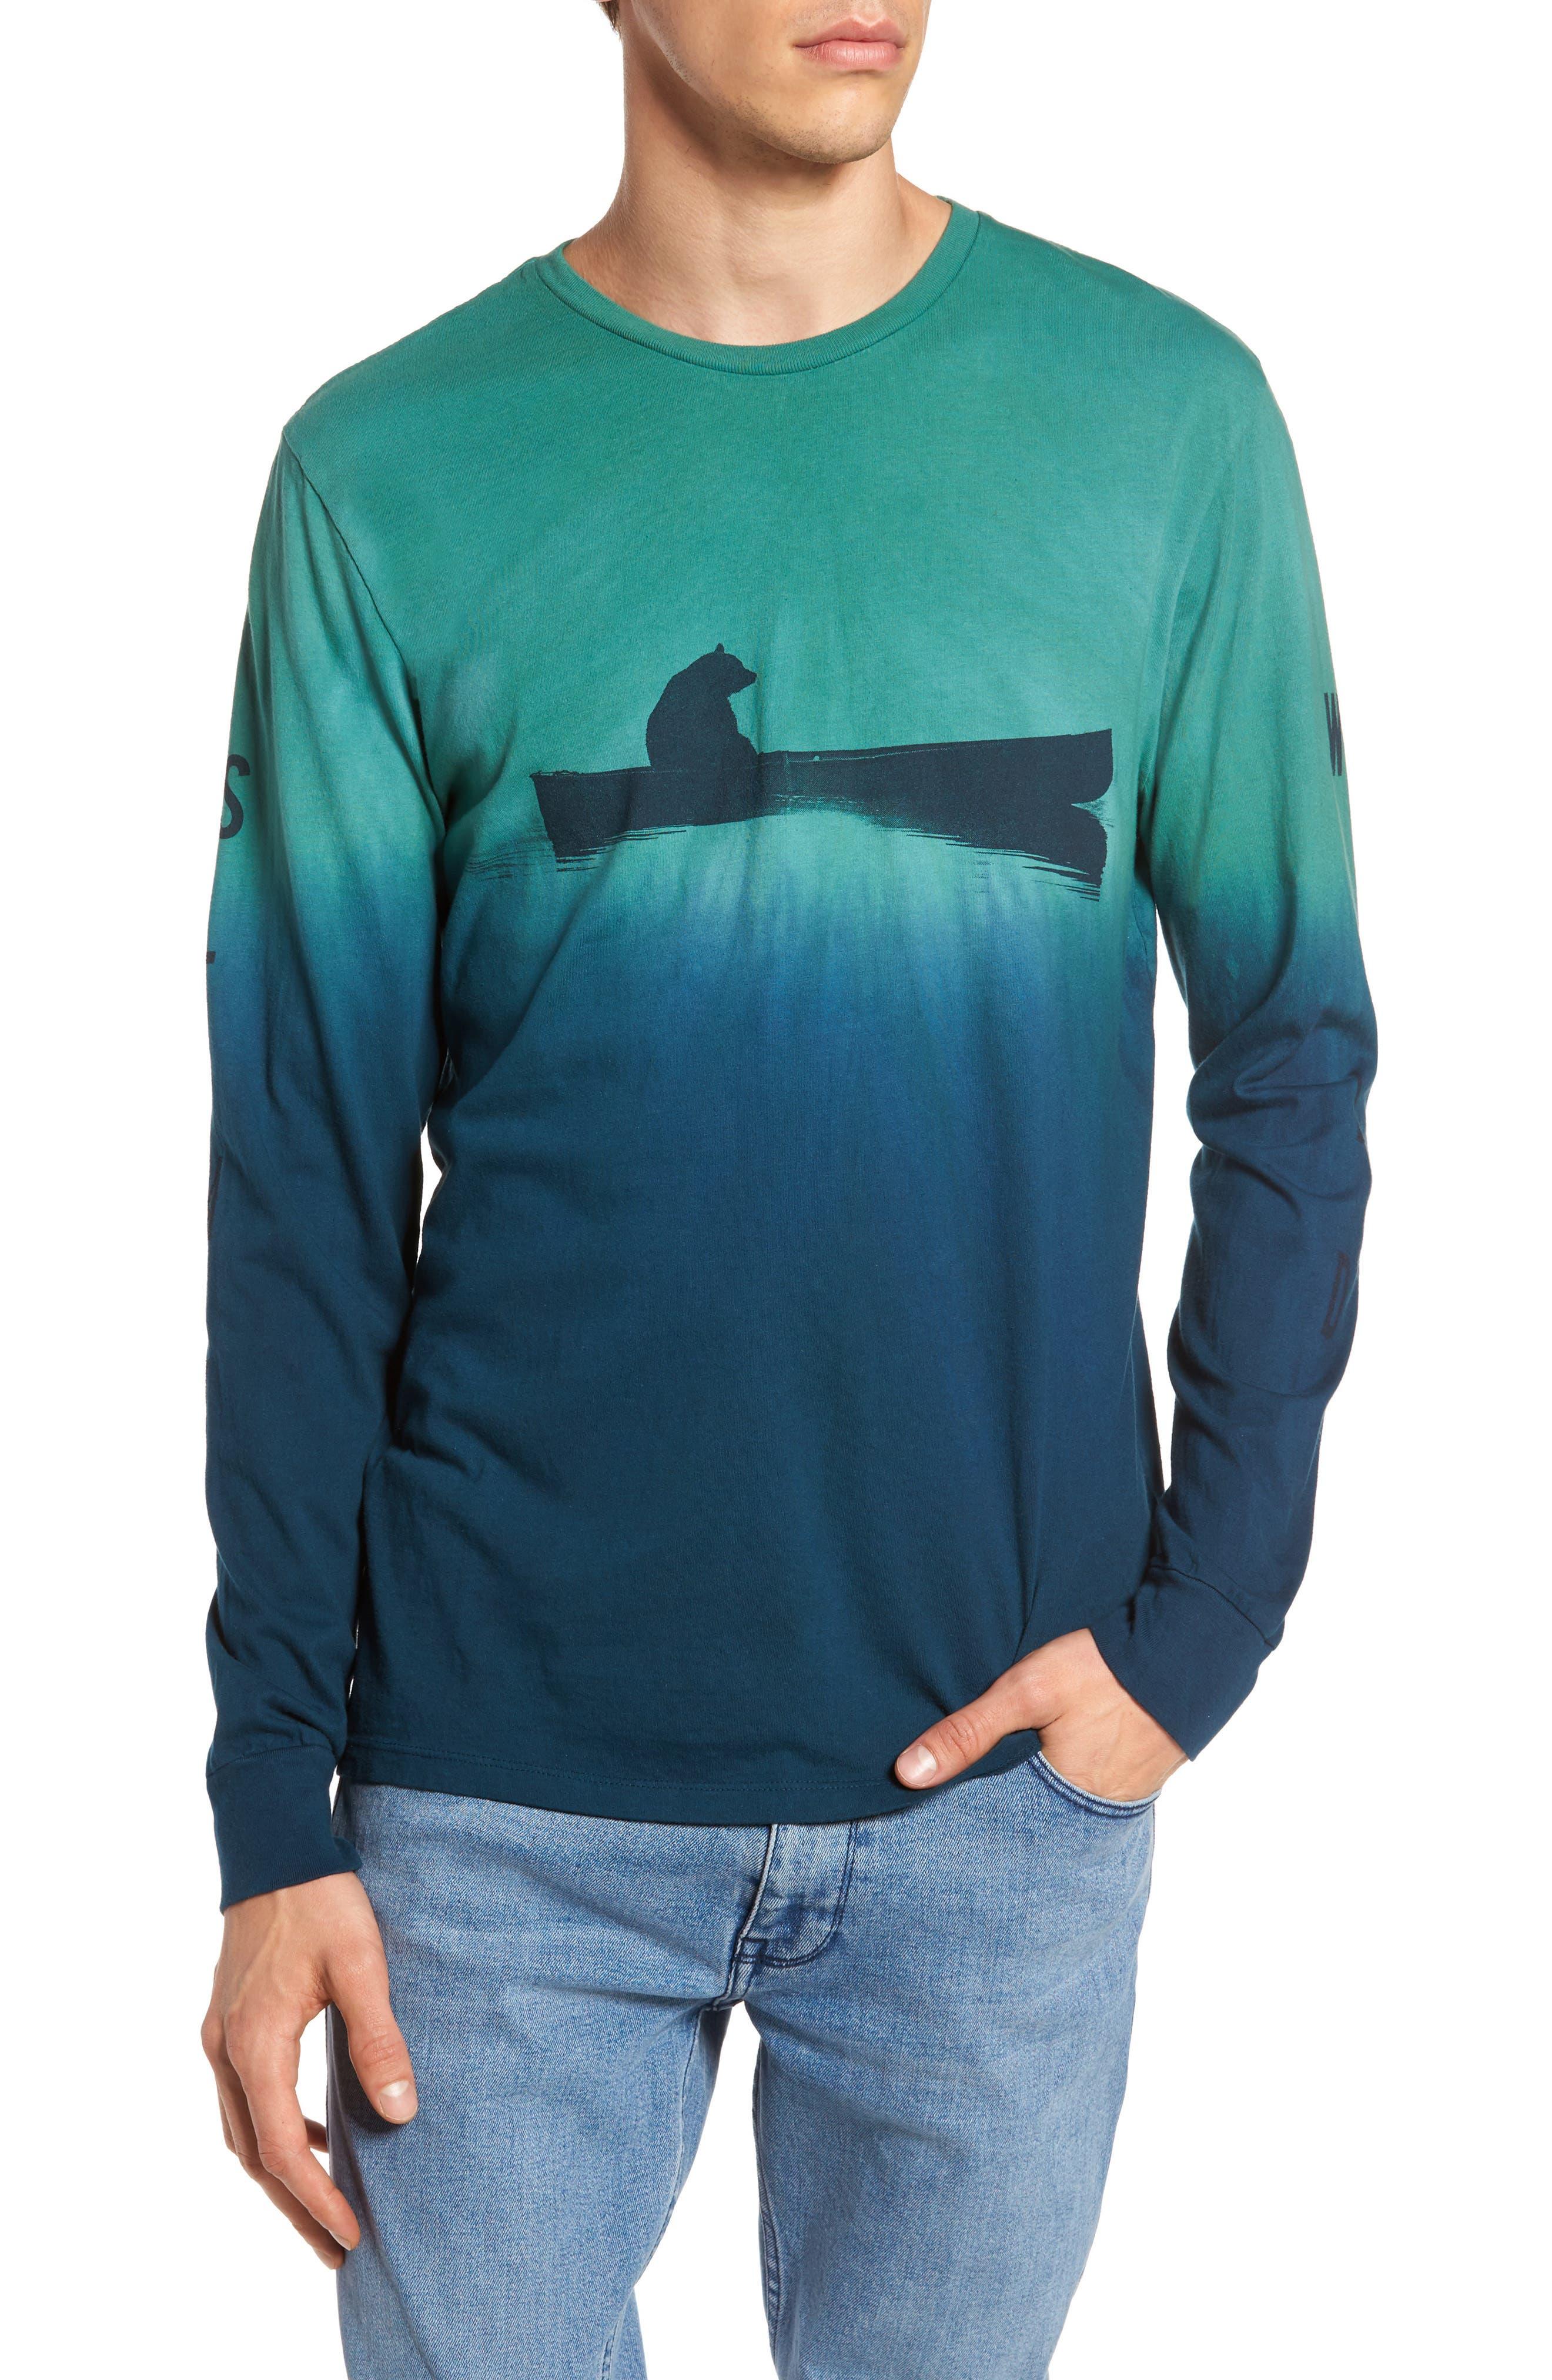 Up a Creek T-Shirt,                             Main thumbnail 1, color,                             ALGAE/ NAVY